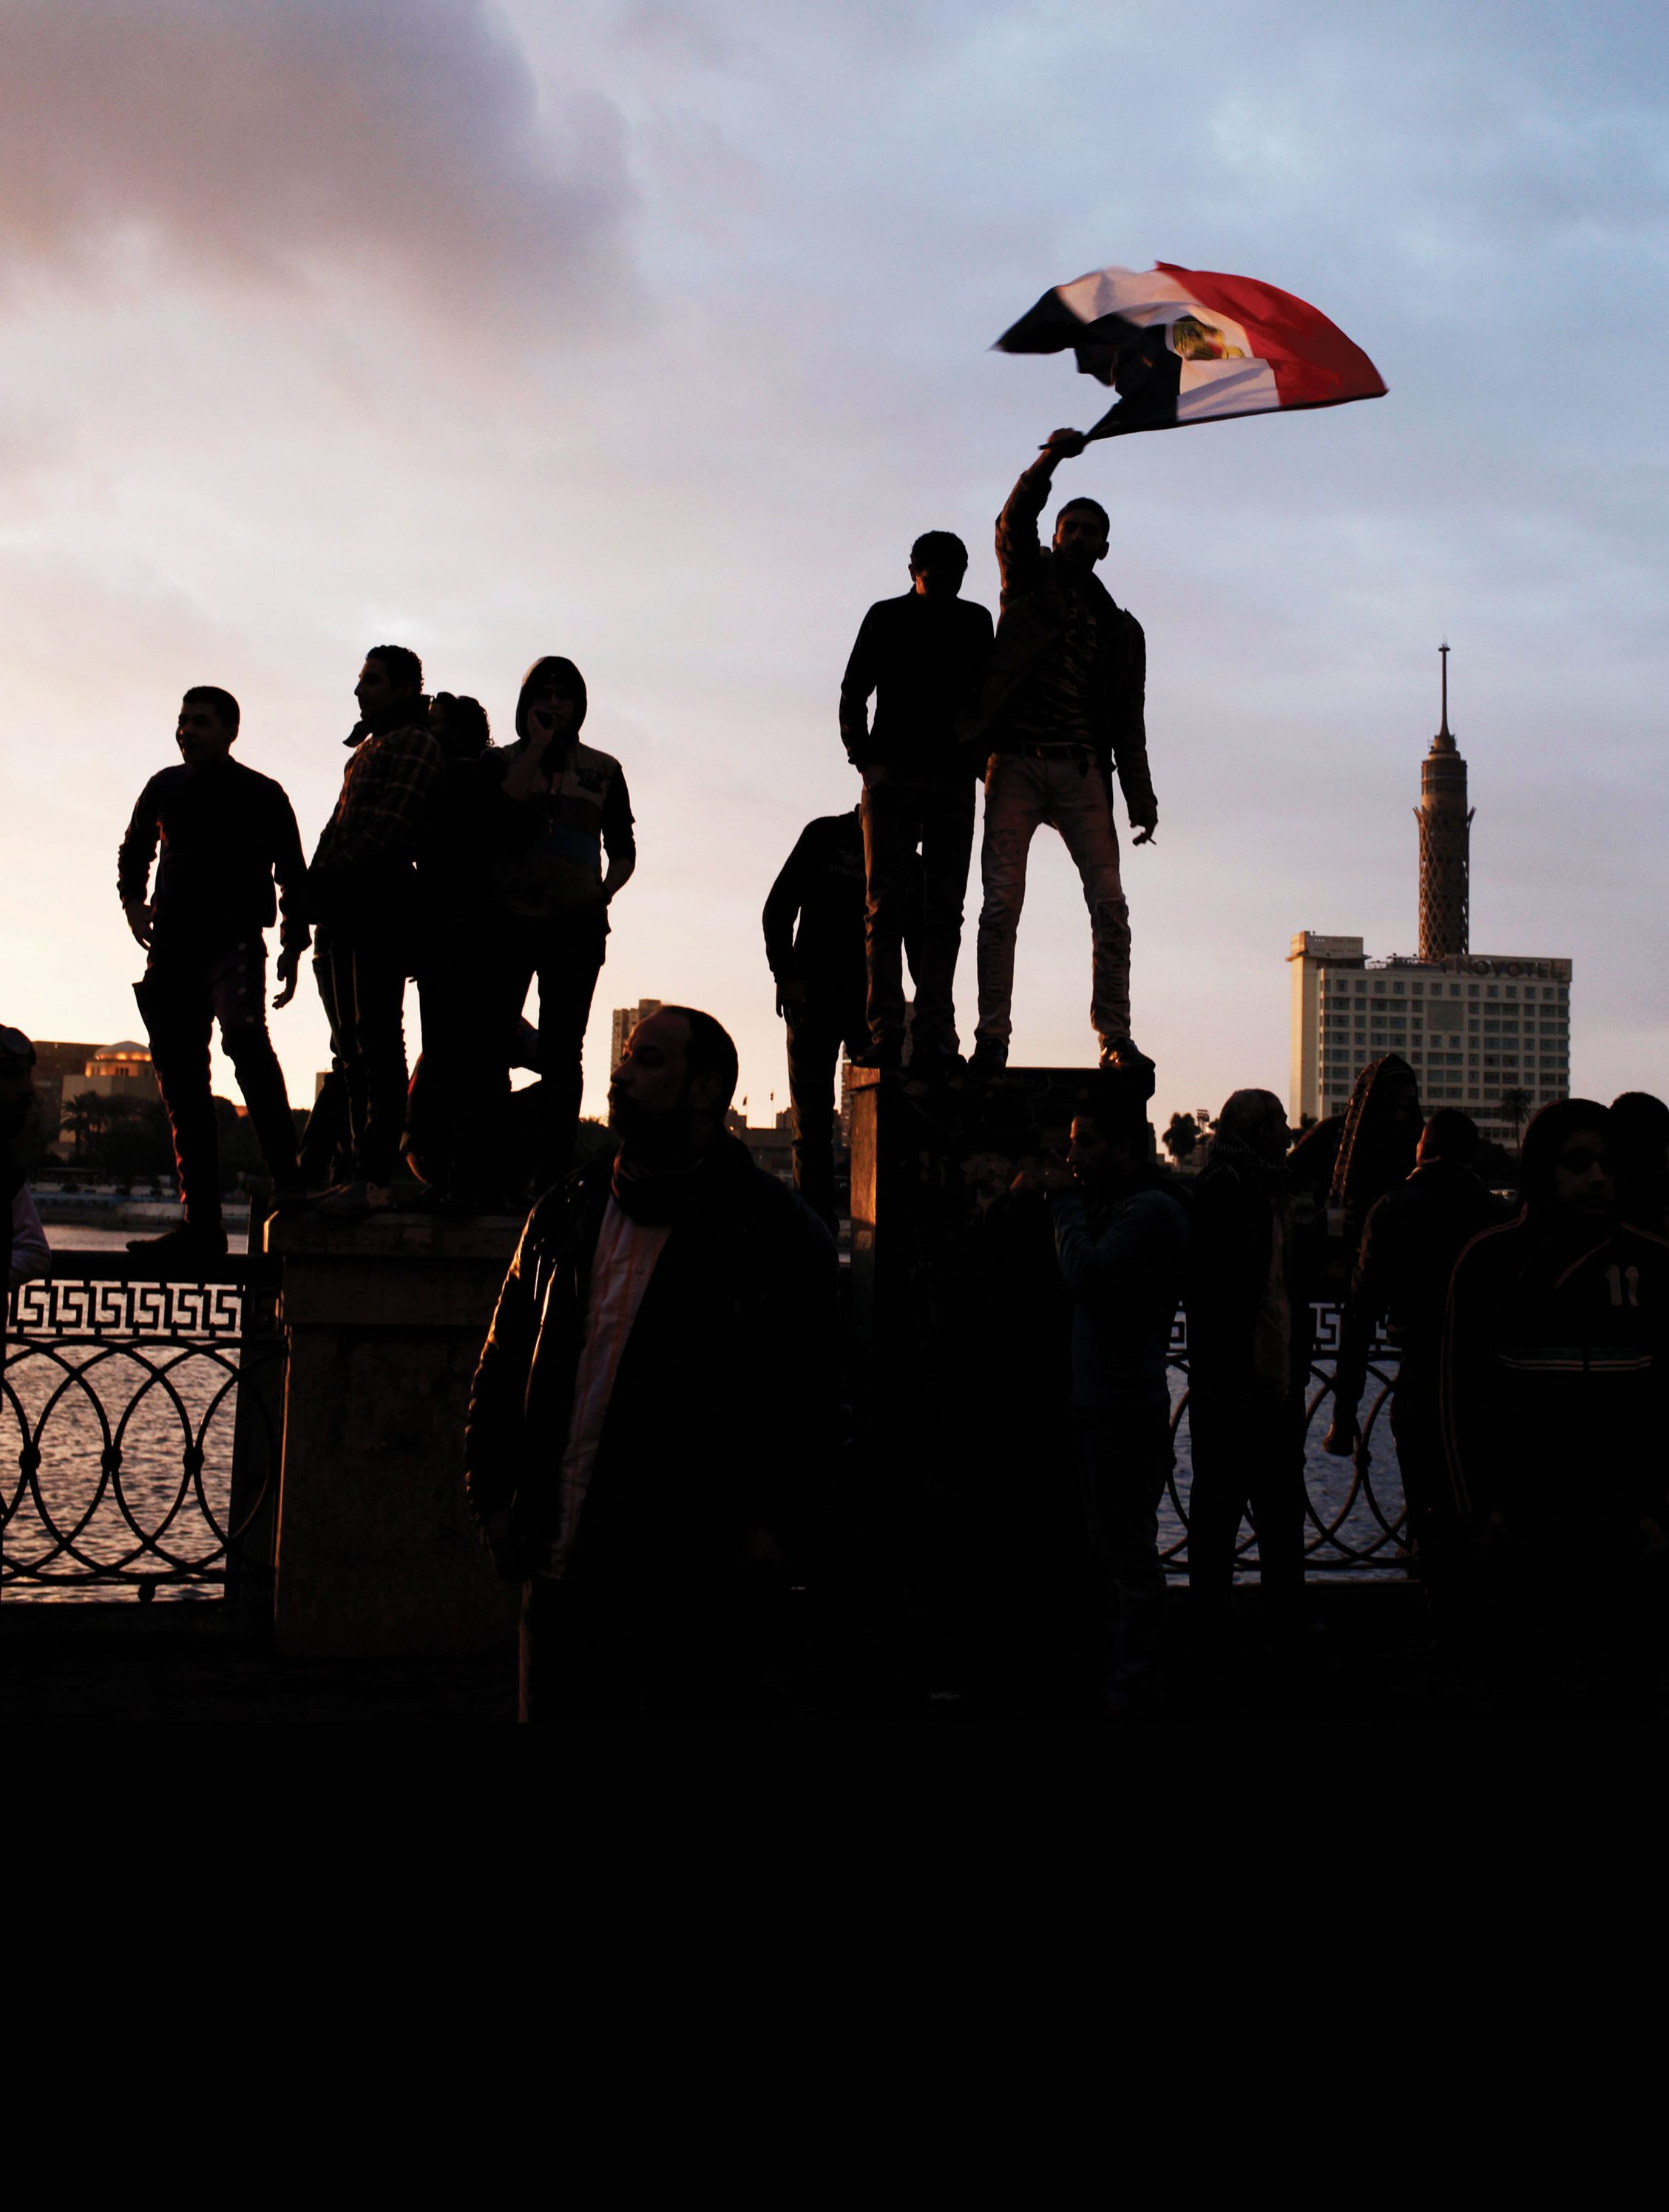 アラブの春からトランプへ 政治を変えた ソーシャルの幻想と現実